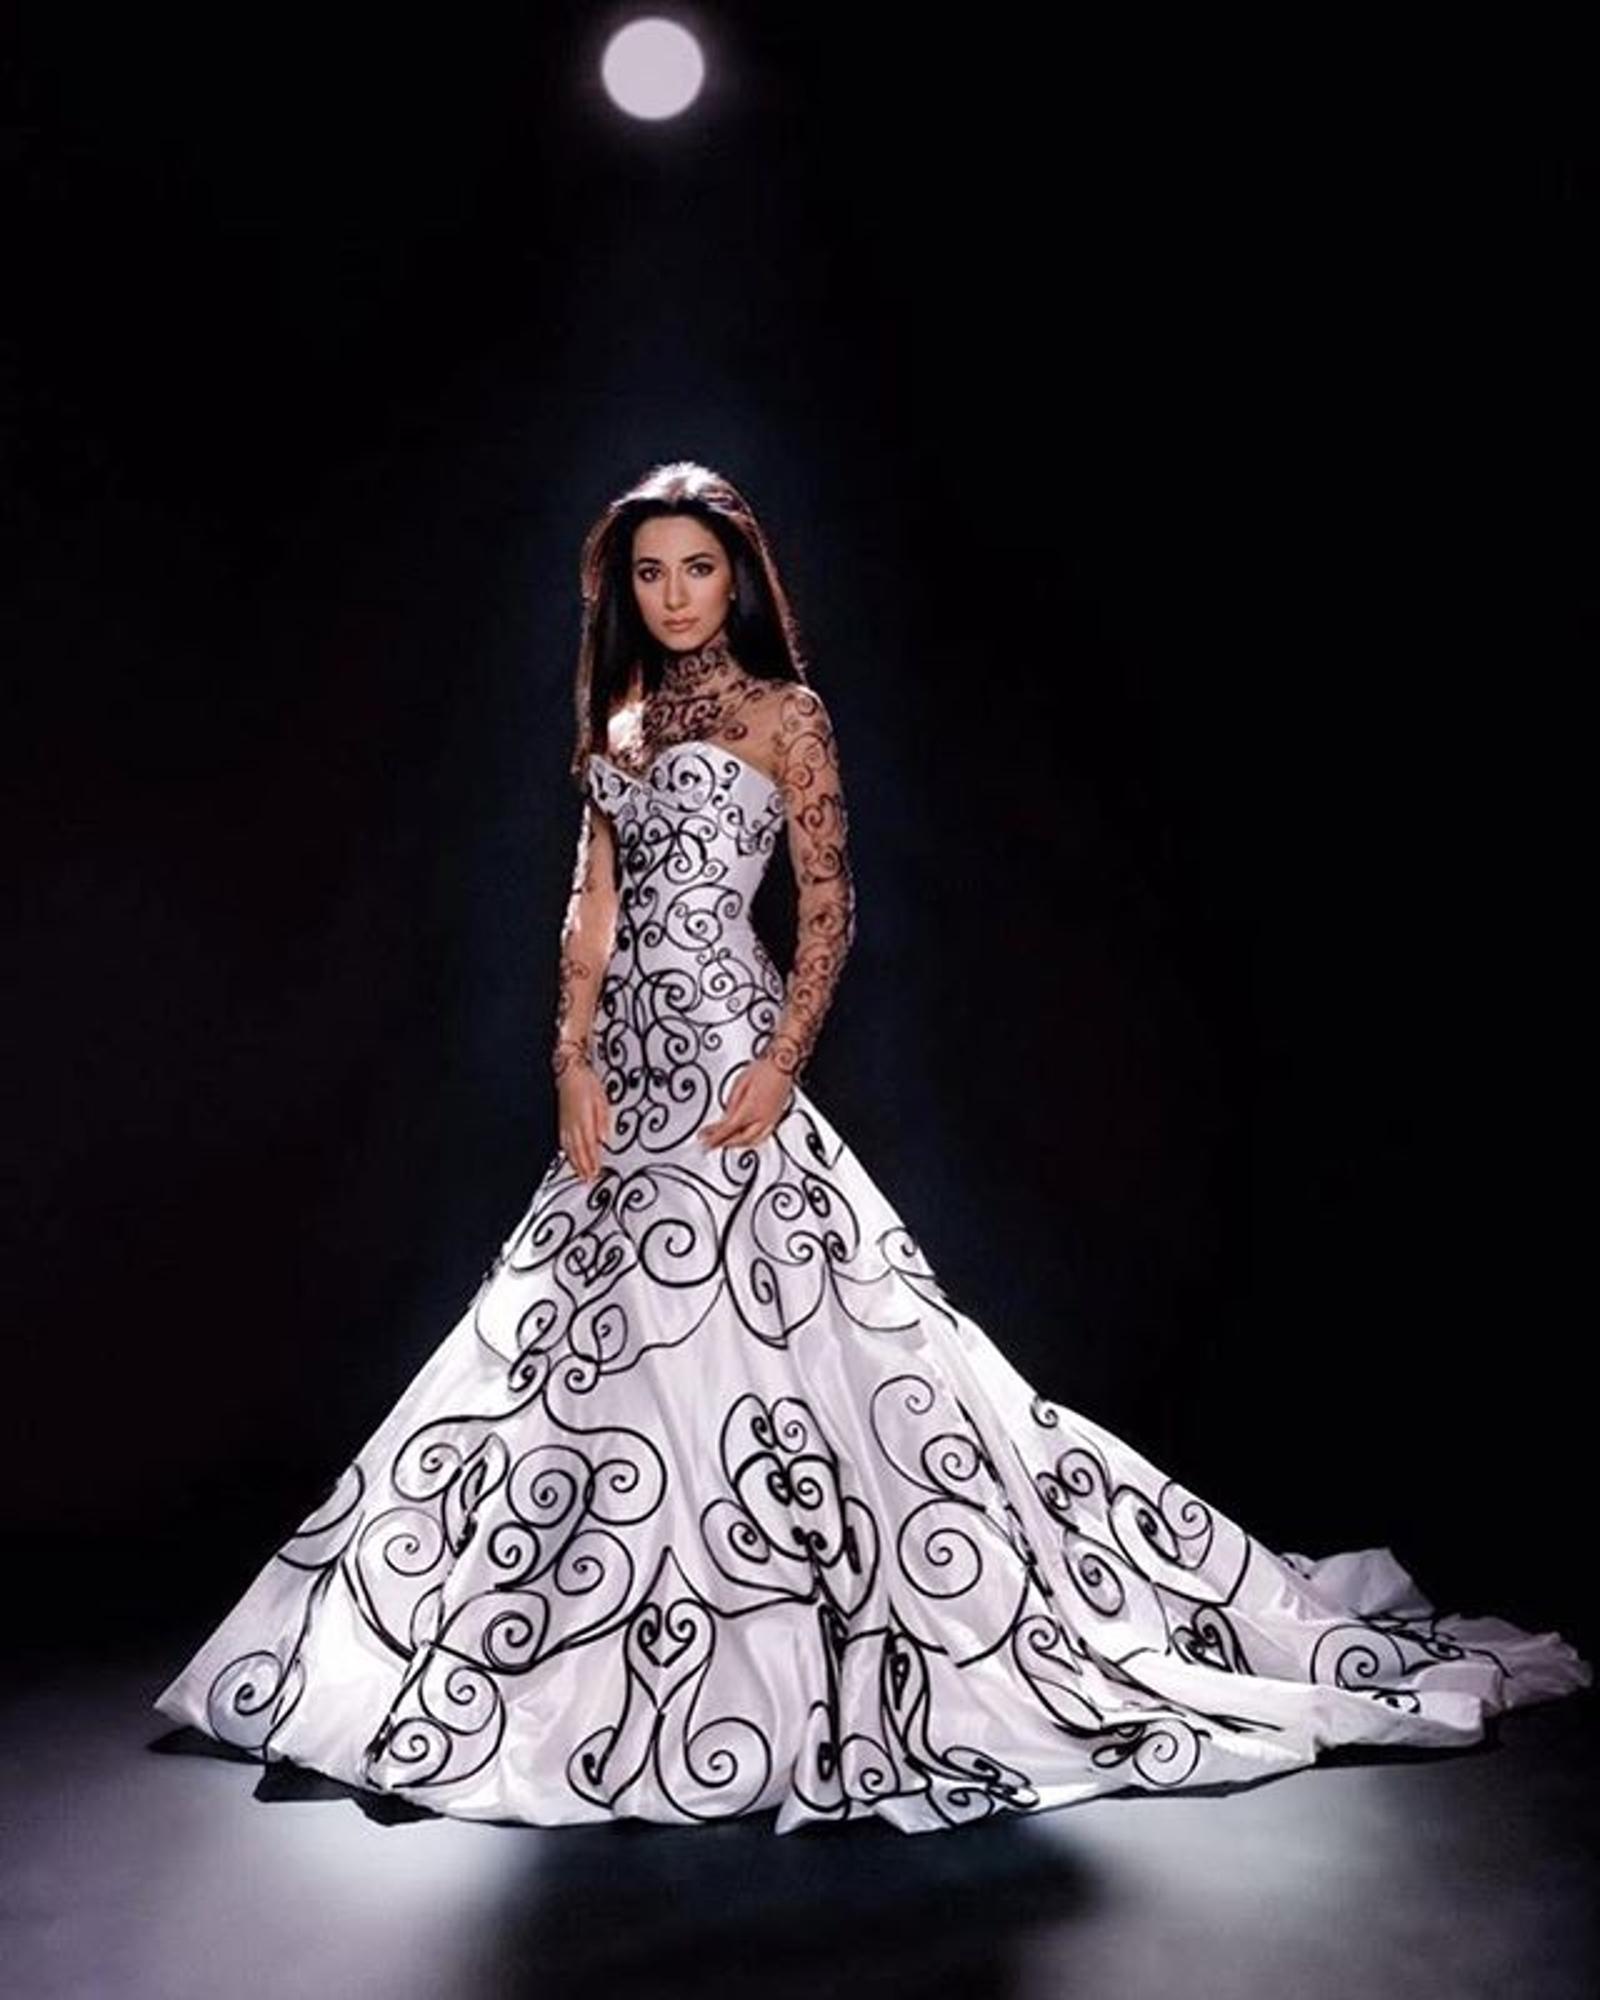 Как принцесса! 10 завораживающих вечерних образов от певицы Зары платье, музыкальном, платья, именно, локоны, сцене, волосах, Добавляют, идеально, демонстрирует, более, просто, посвященном, вечере, артистка, наряд, образы, сдержанность, только, серьги